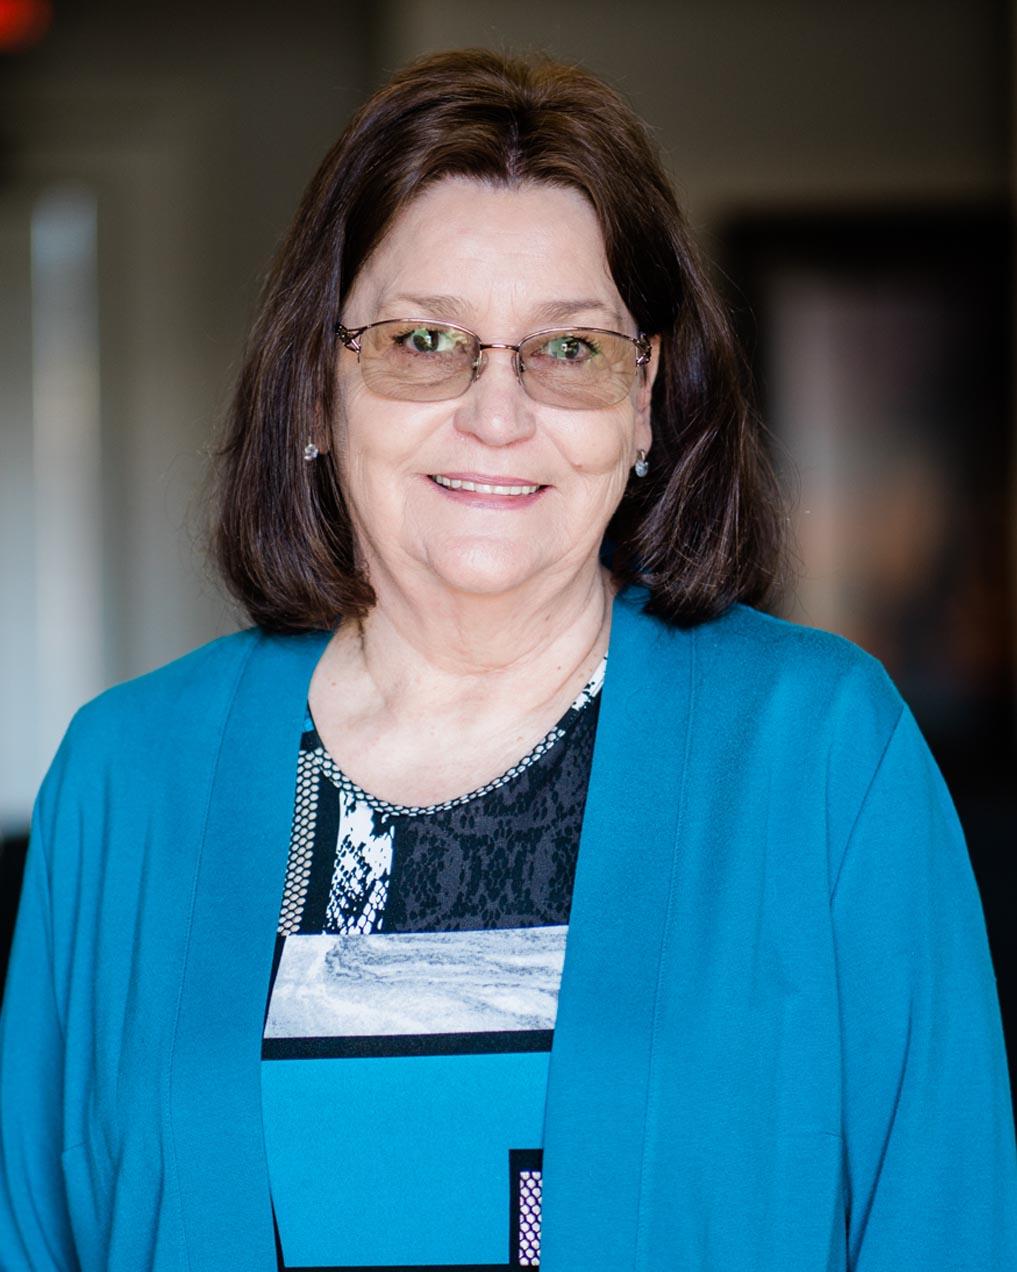 Cindy Reno